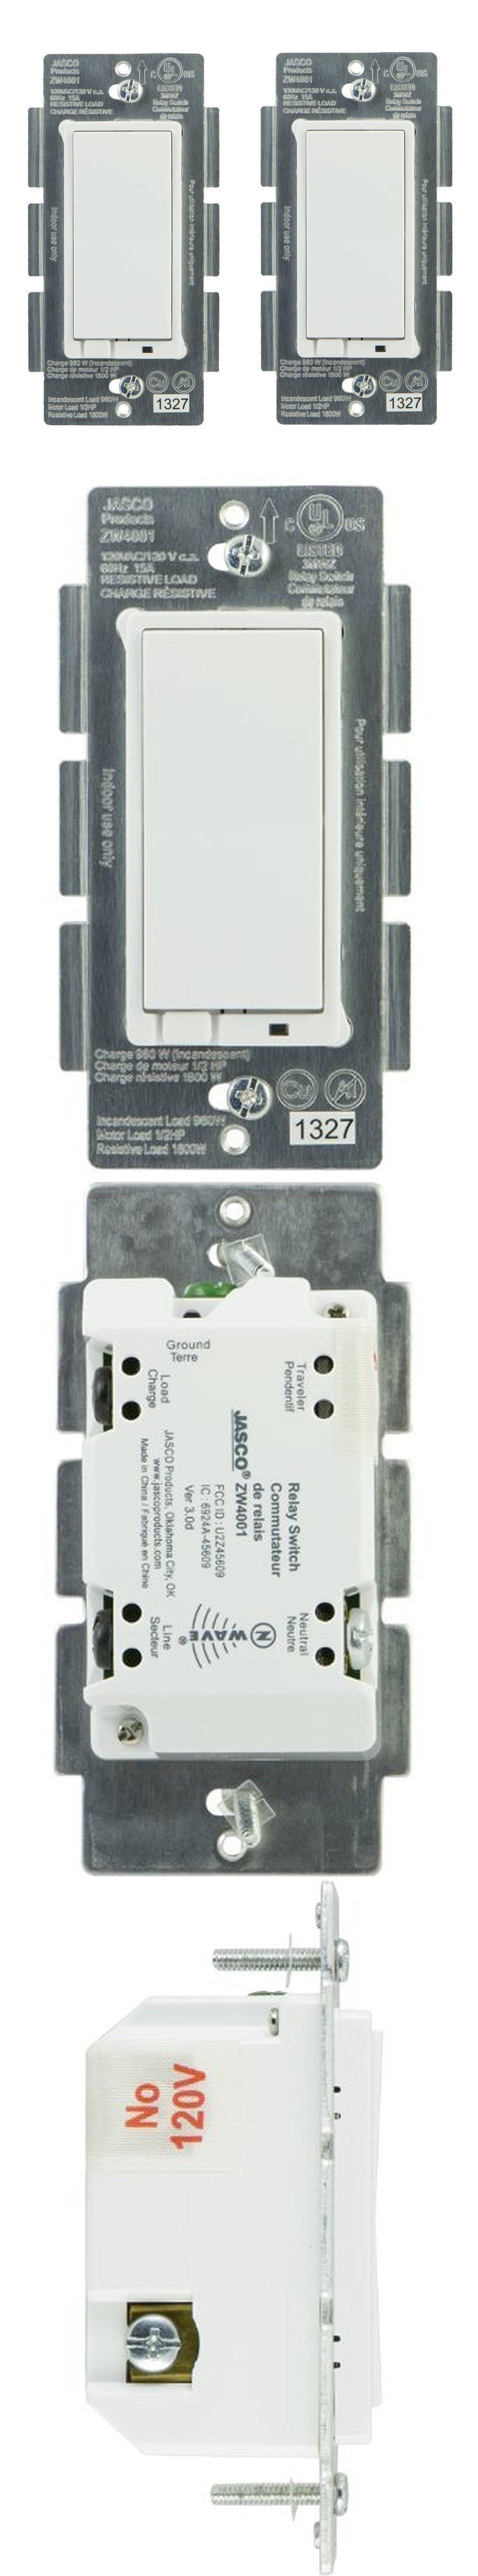 Other Electrical Switches 20597 Ge Jasco 14318 ZWave Wireless - Jasco Relay Switch